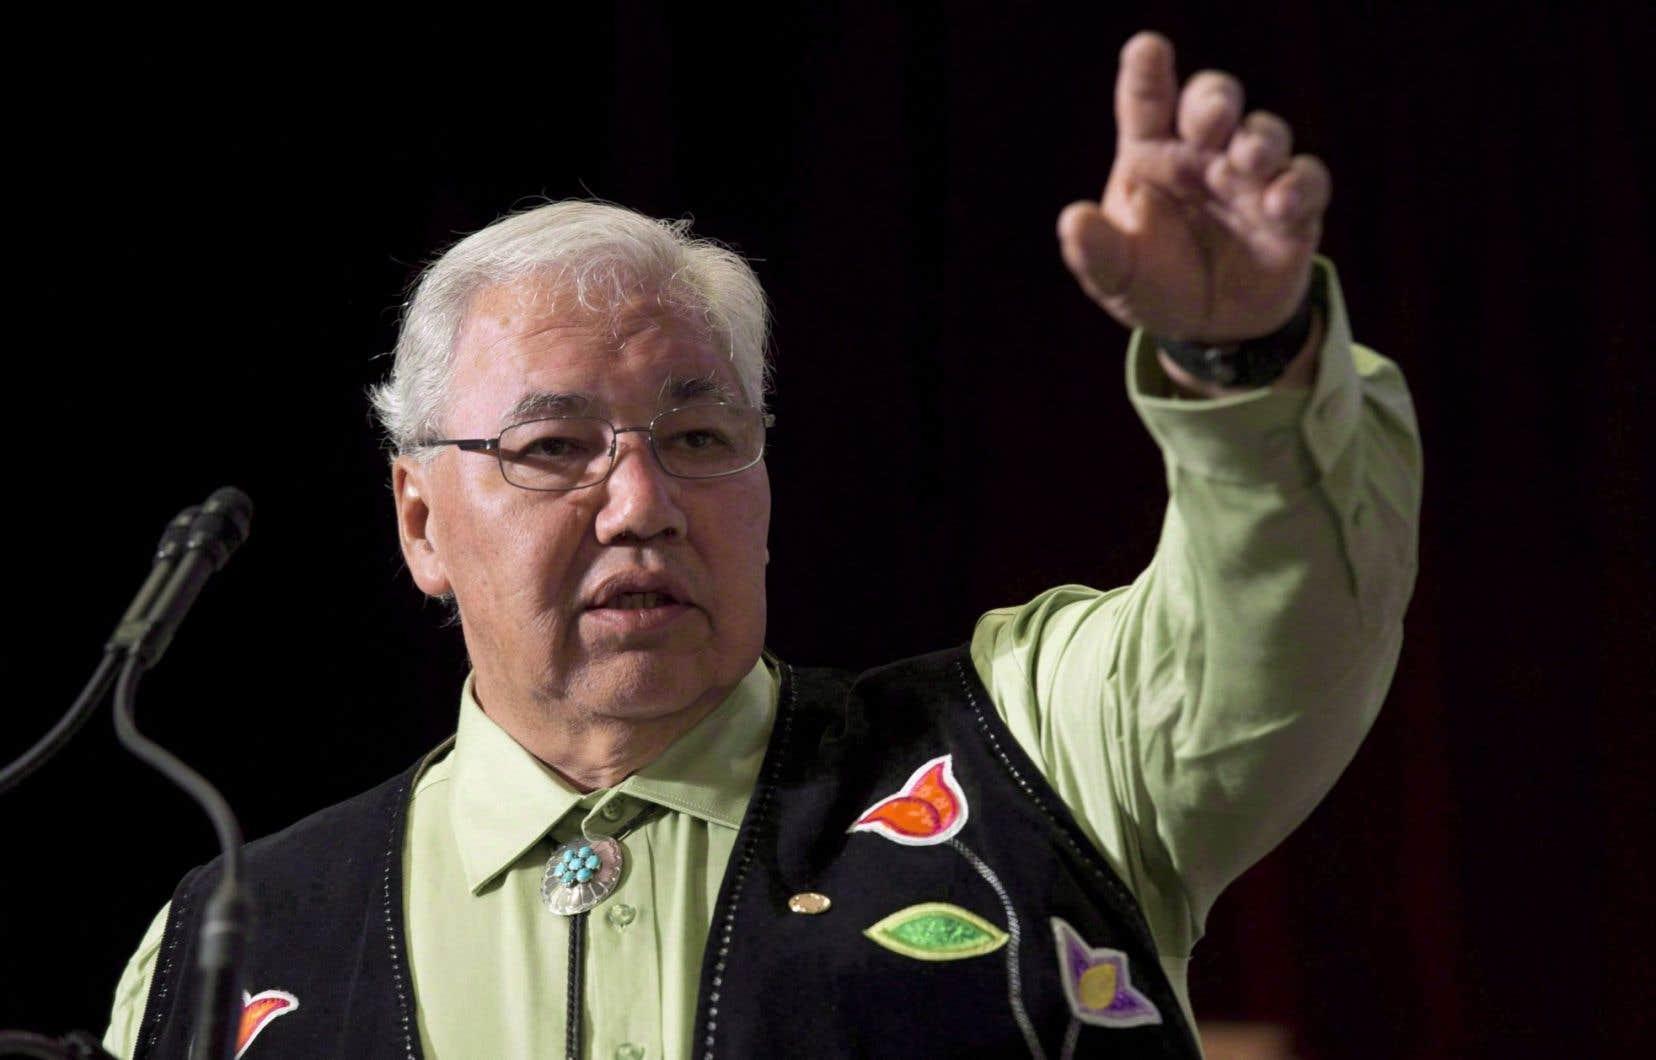 Le sénateur Murray Sinclair croit que le débat sur le déboulonnage de l'ex-premier ministre conservateur John A. Macdonald ne crée que colère et division au pays.